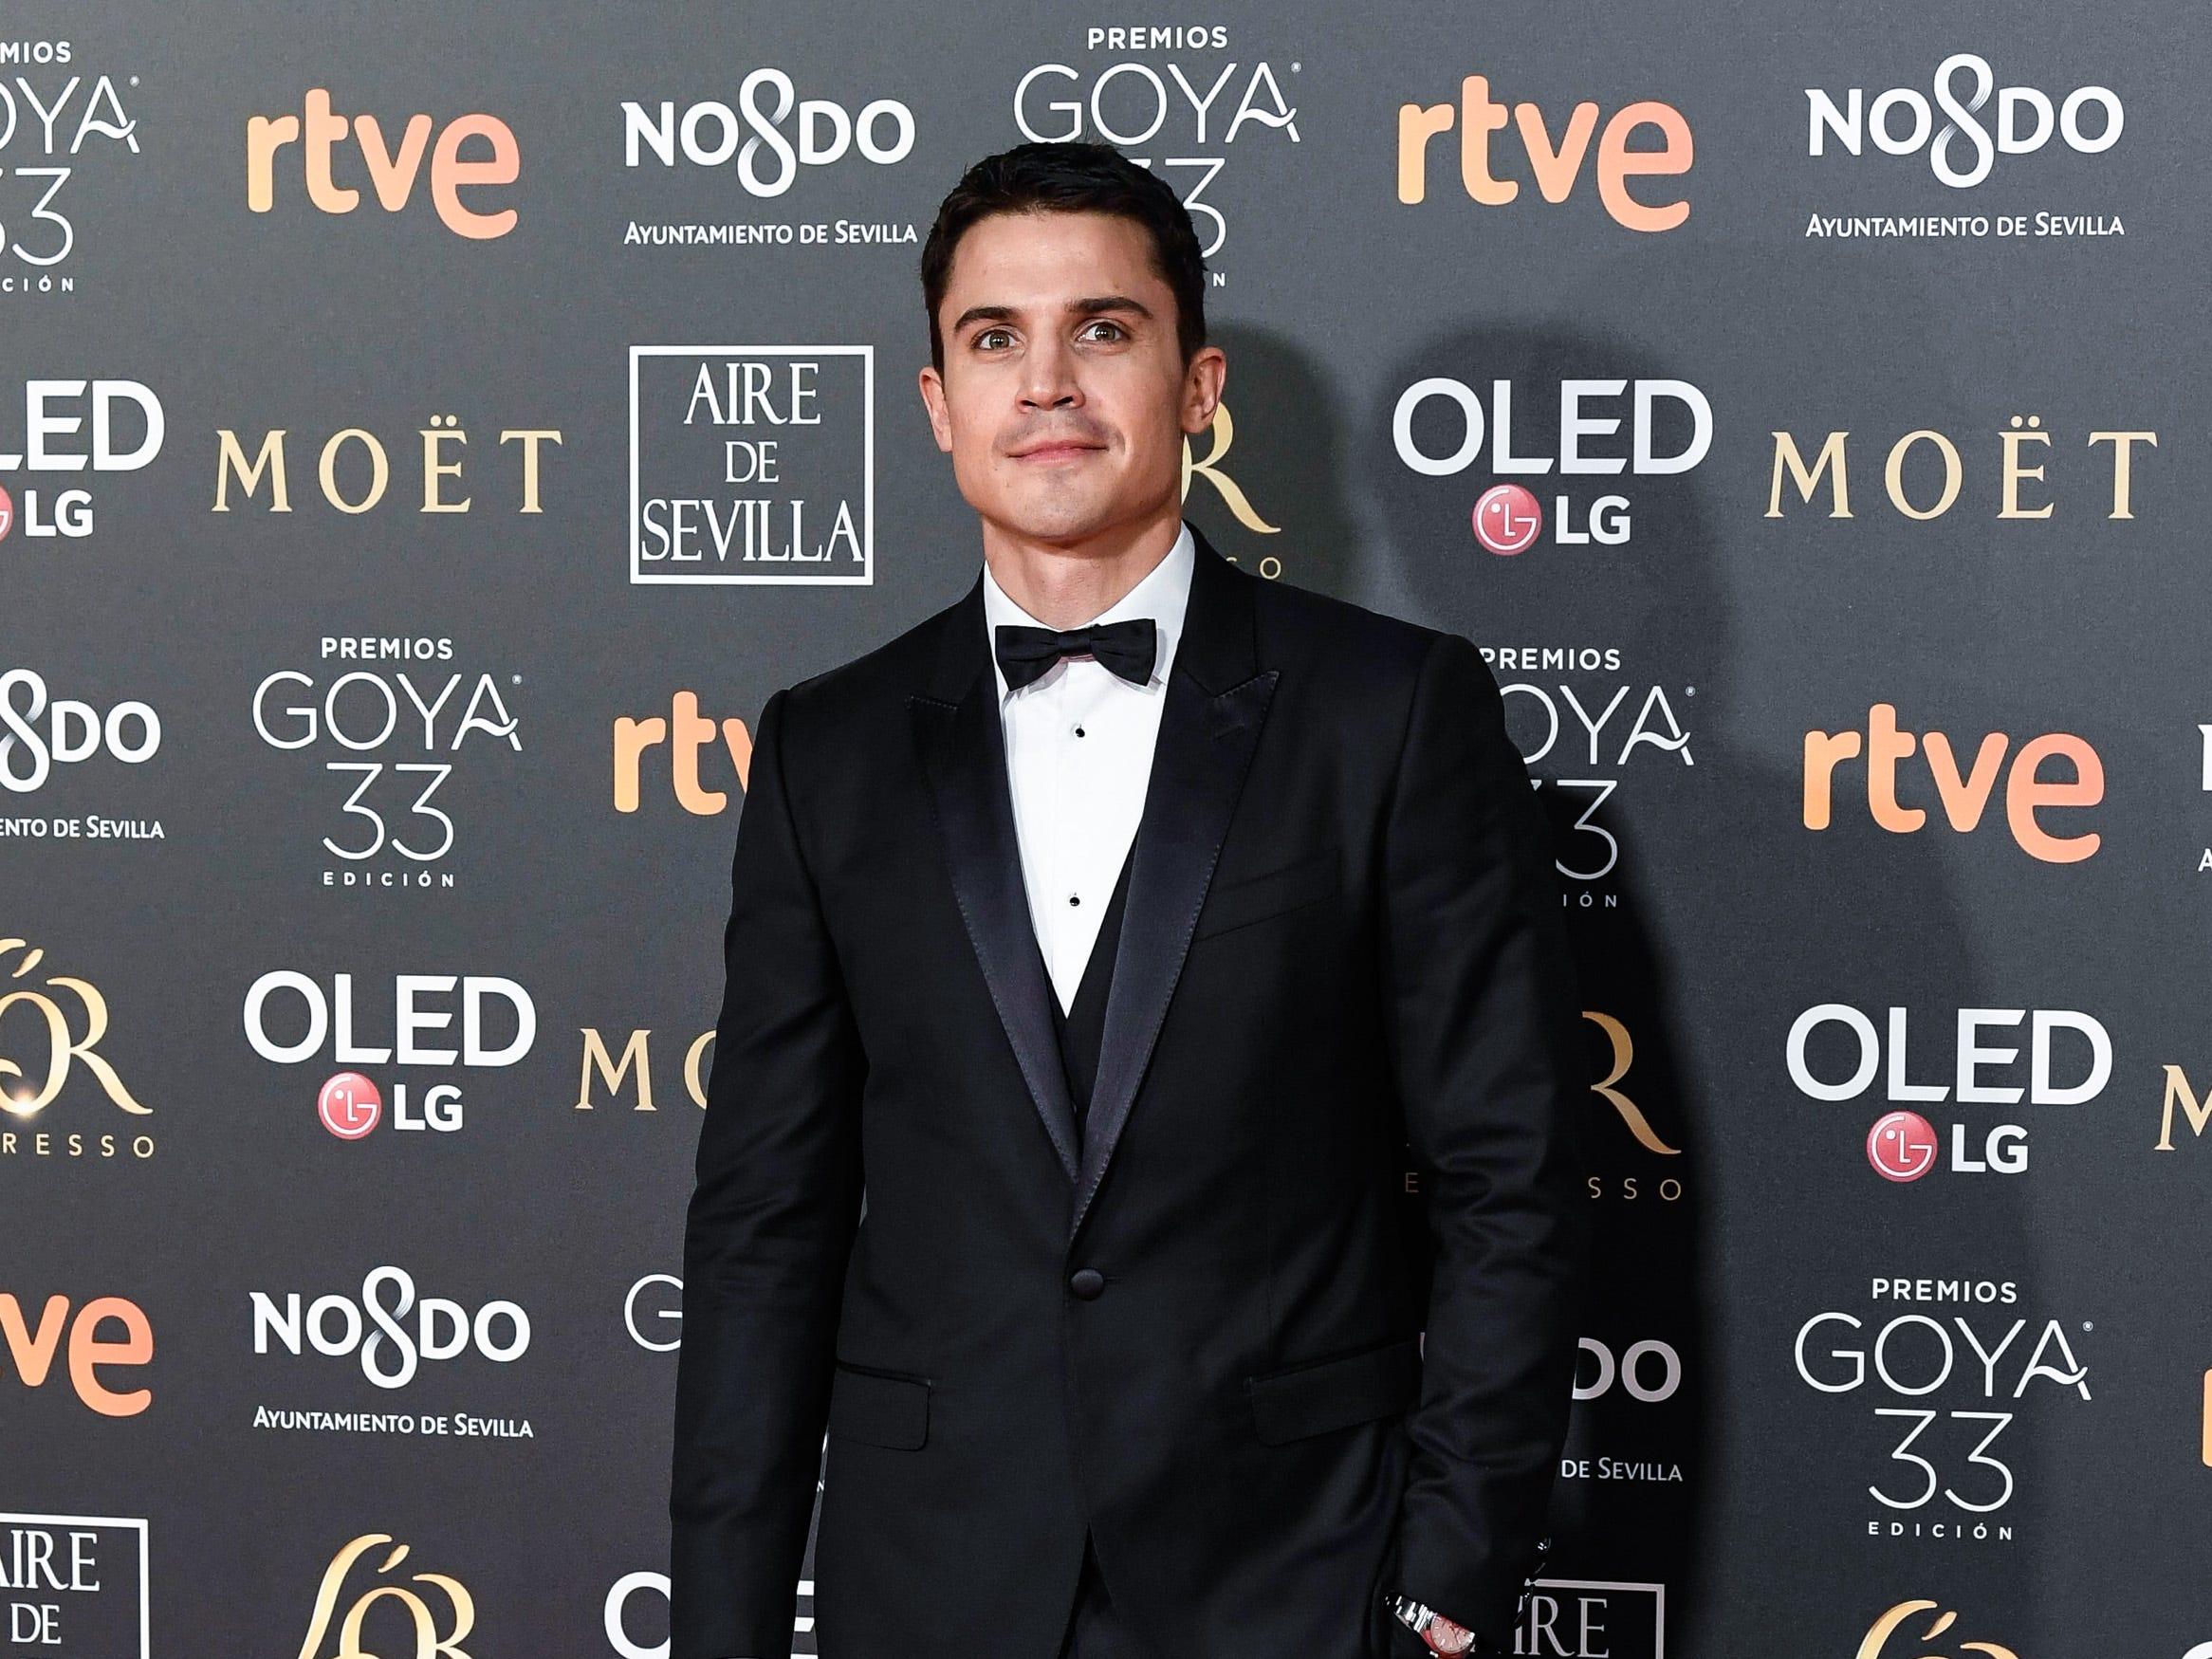 Alex González asiste a la 33ª edición de los Premios de Cine Goya en el Palacio de Congresos y Exposiciones FIBES el 2 de febrero de 2019 en Sevilla, España.